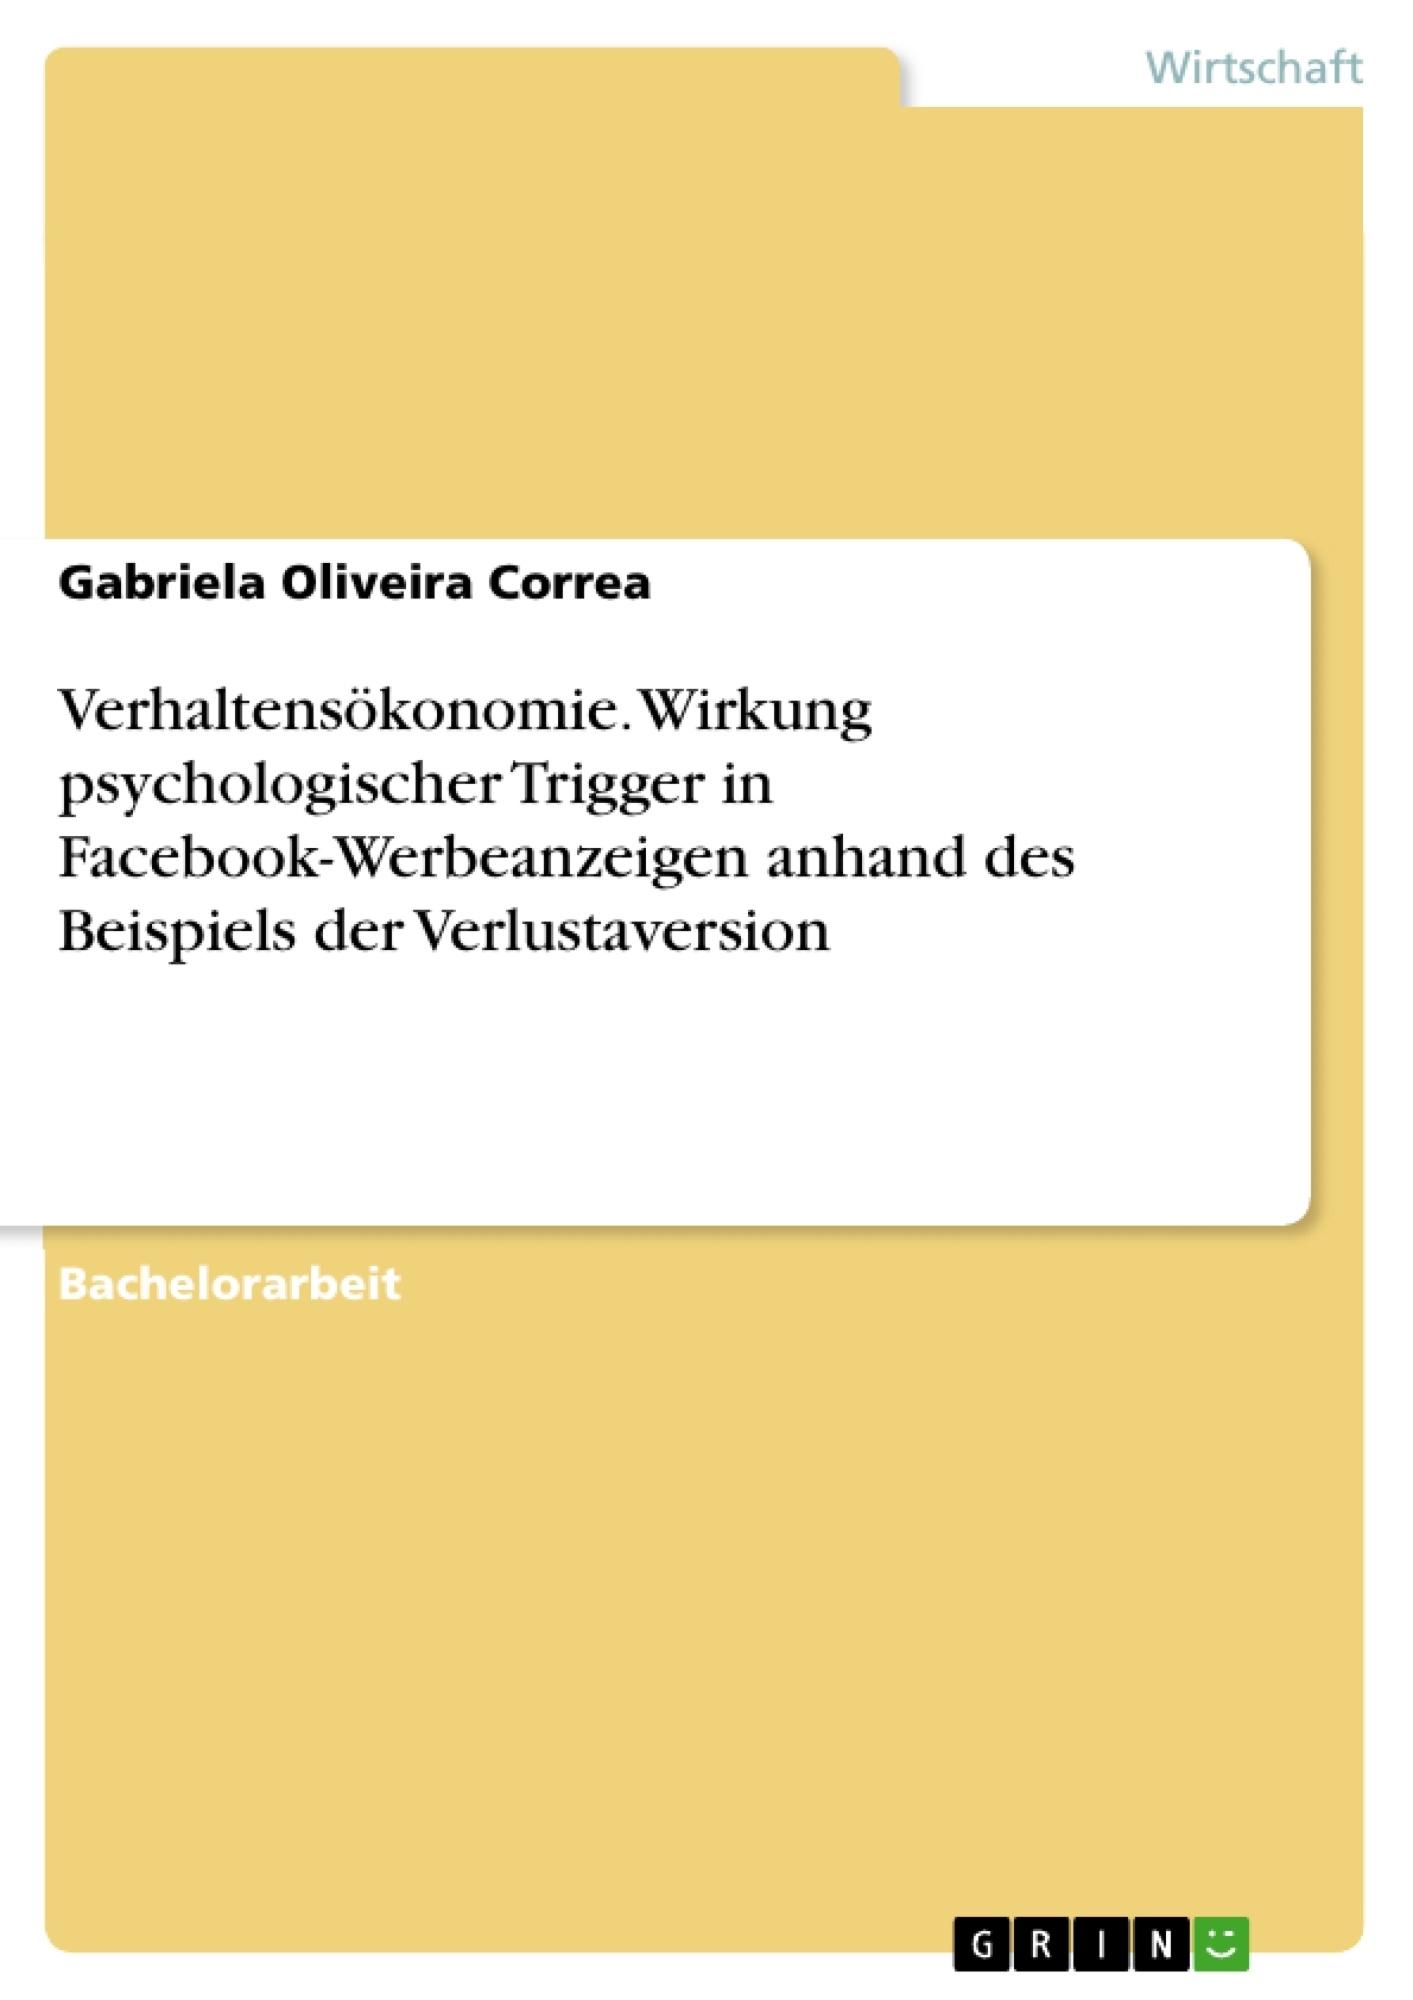 Titel: Verhaltensökonomie. Wirkung psychologischer Trigger in Facebook-Werbeanzeigen anhand des Beispiels der Verlustaversion